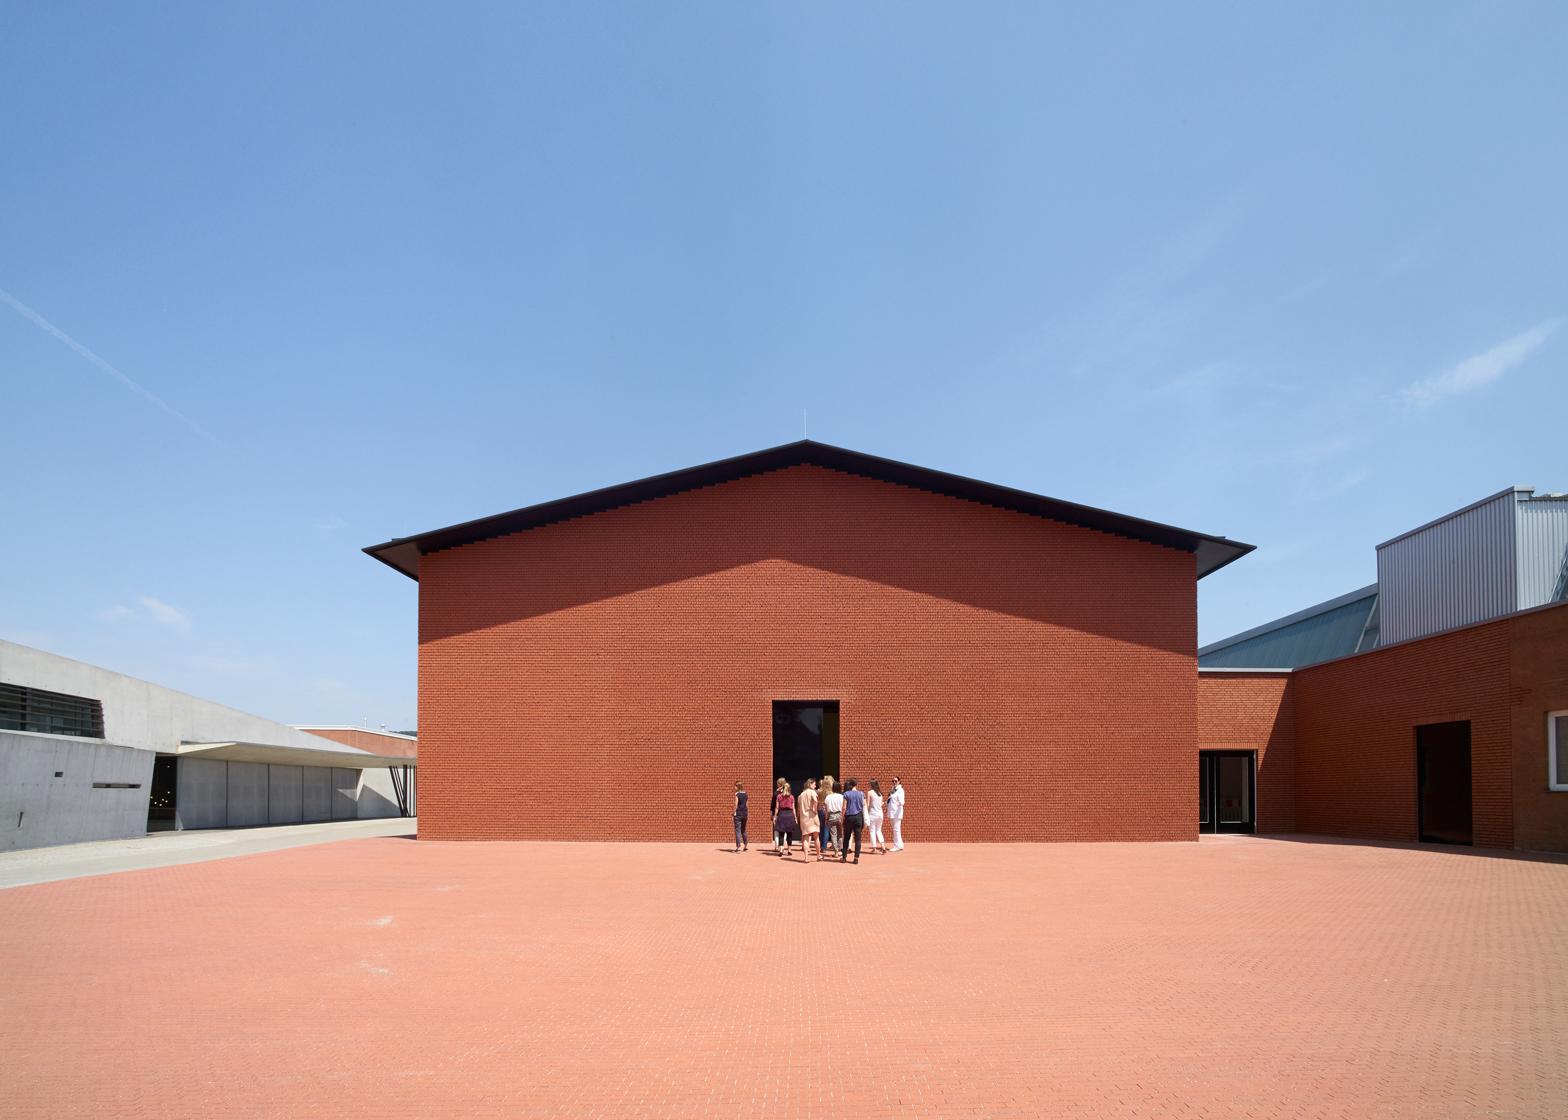 vitra-design-museum-schaudepot-herzog-de-meuron_dezeen_ban.jpg